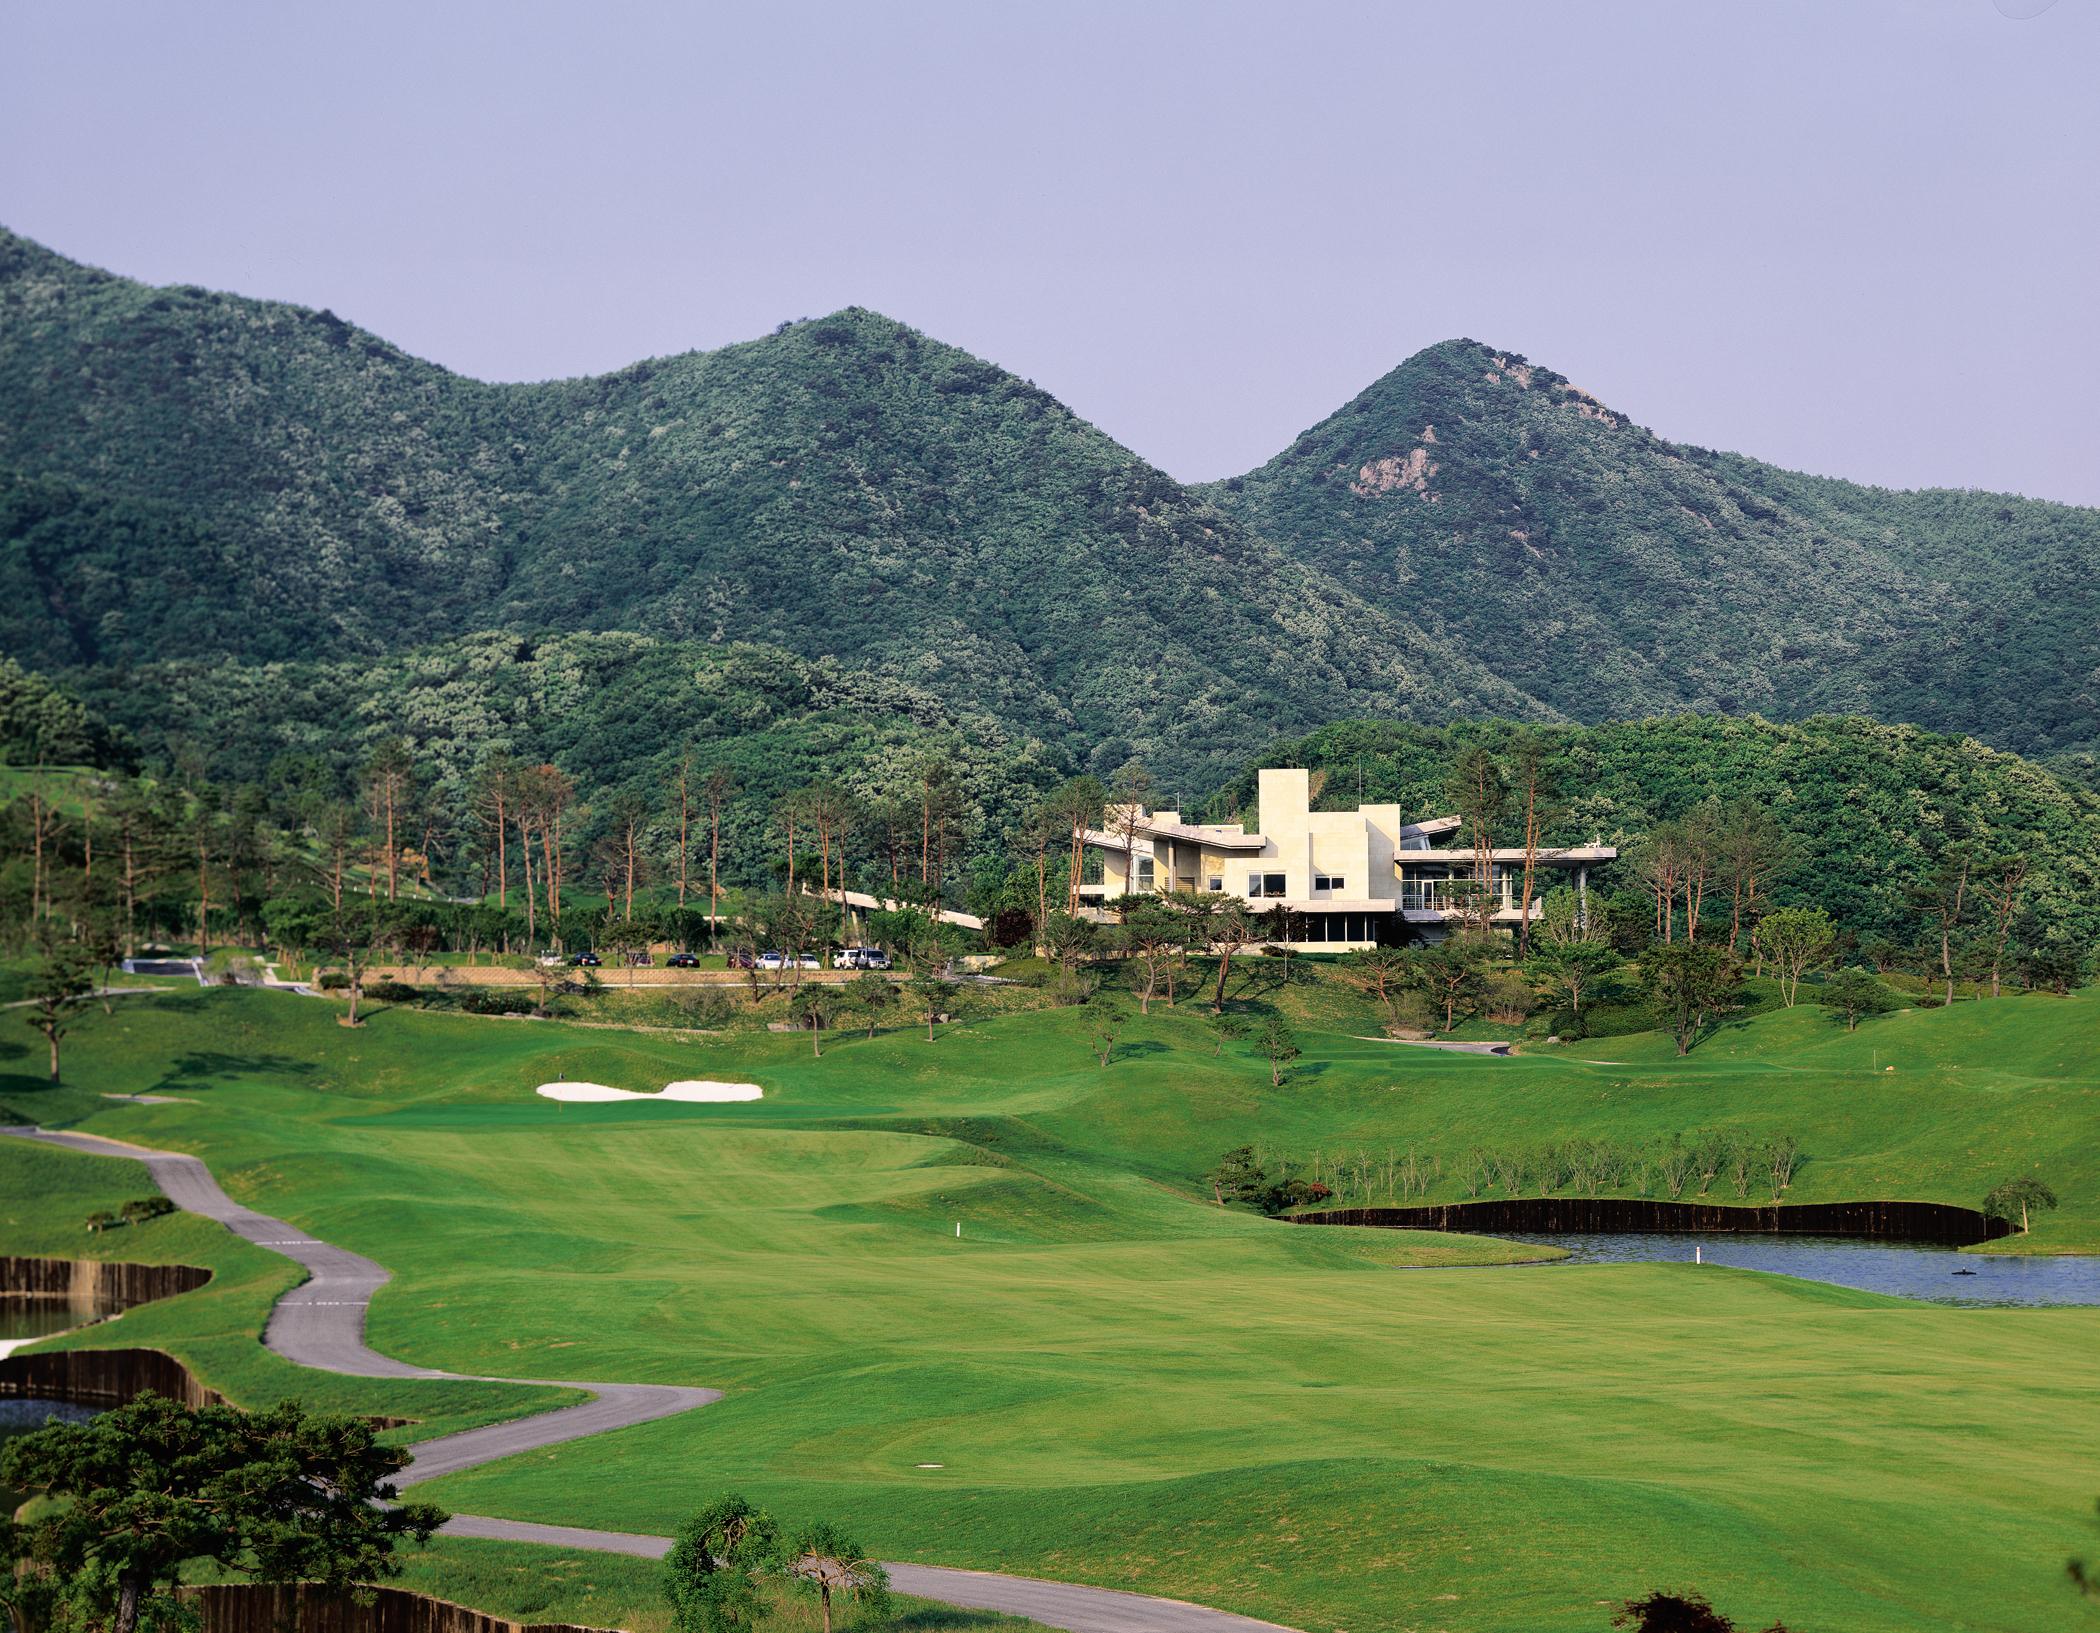 Yangsan Golf_1 overview.jpg